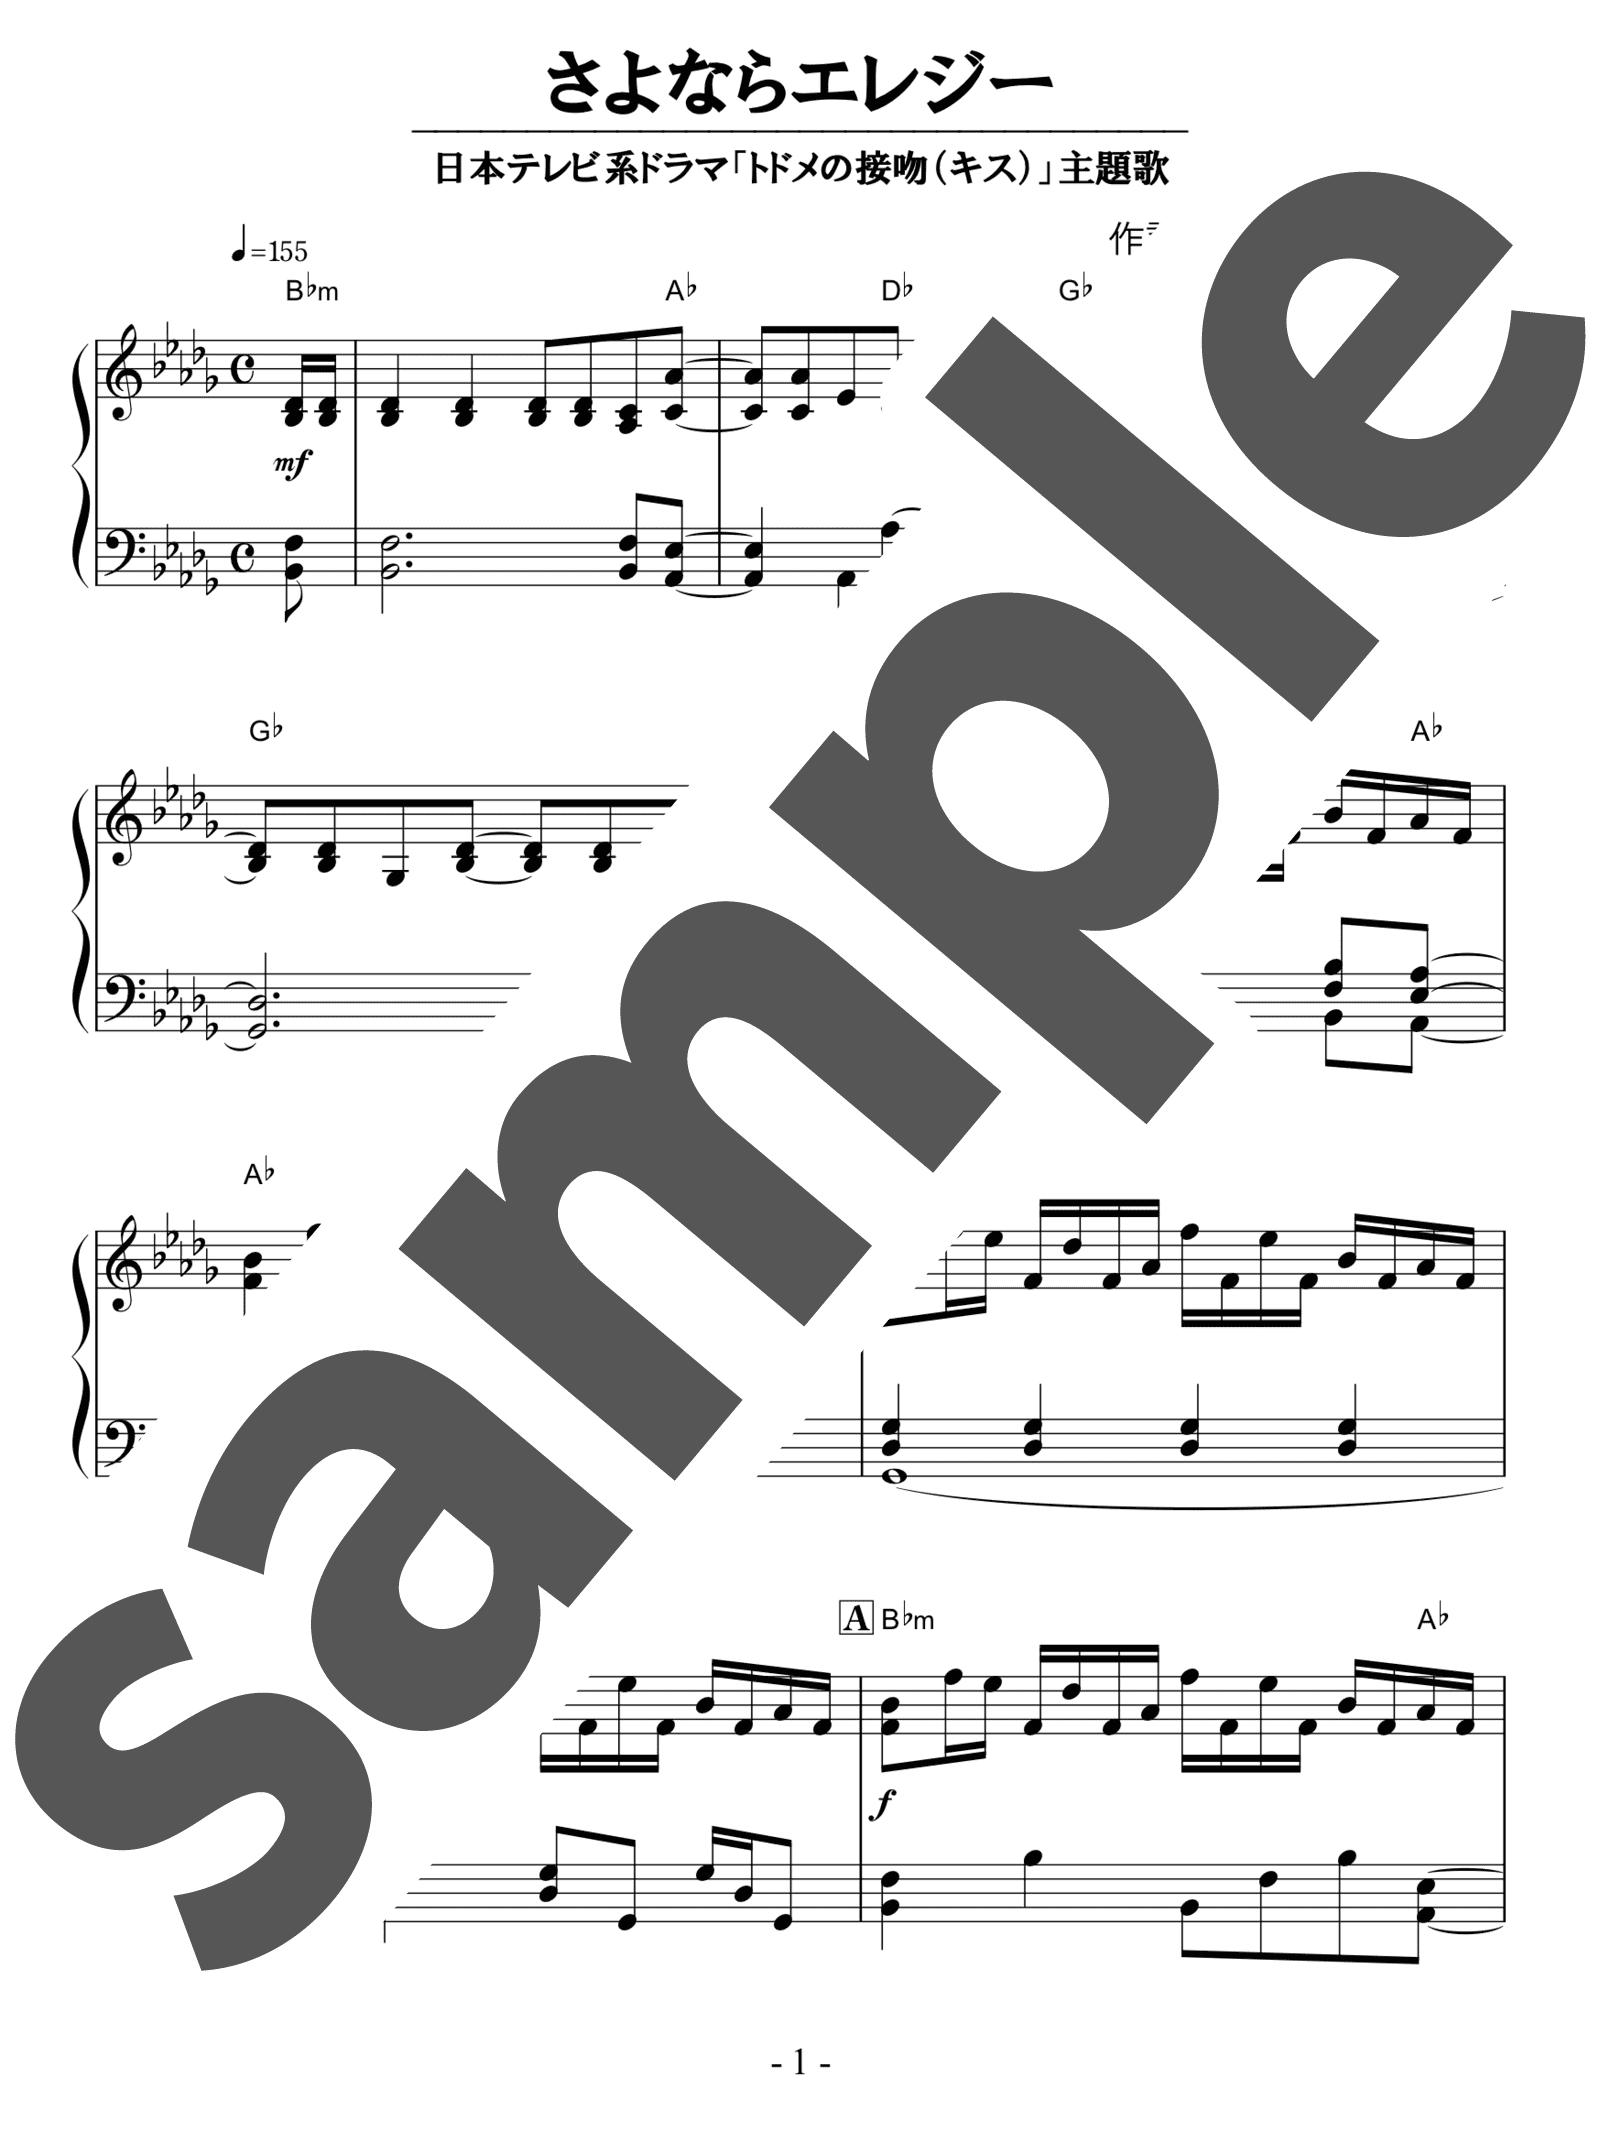 「さよならエレジー」のサンプル楽譜